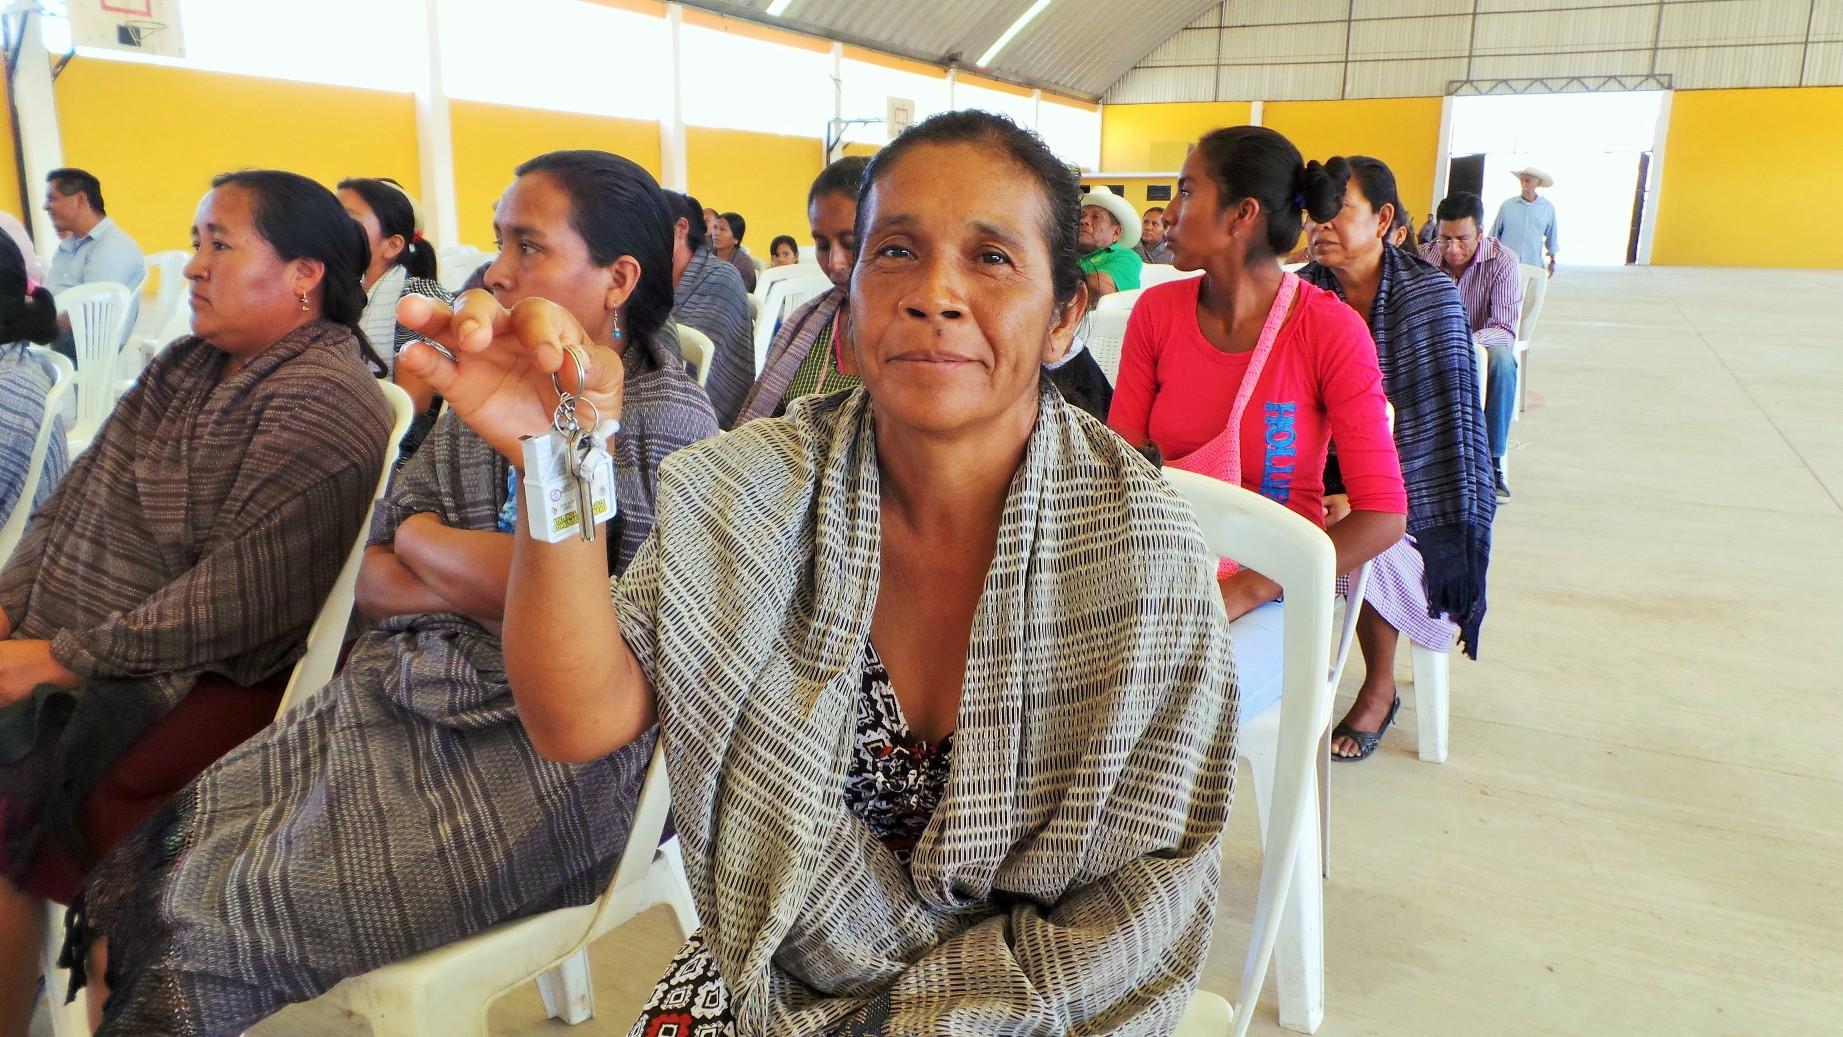 En la imagen, aparecen mujeres beneficiarias de nuevas viviendas, tras haber sido afectadas las suyas en 2014 por fenómenos meteorológicos en Guerrero.